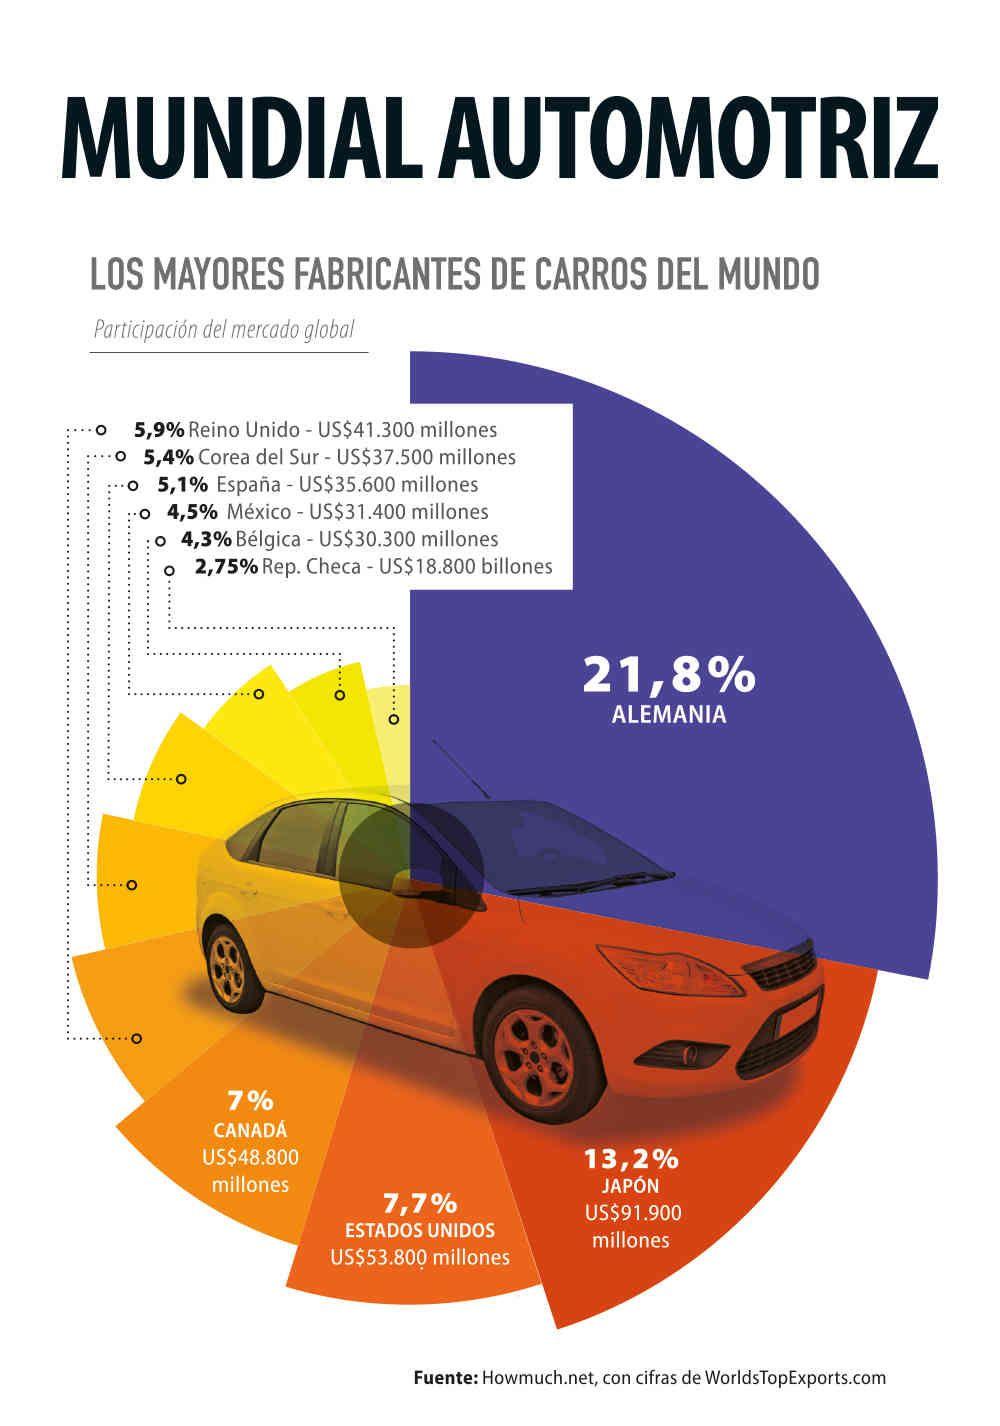 Alemania, el mayor proveedor de autos. China fabrica más, pero ...